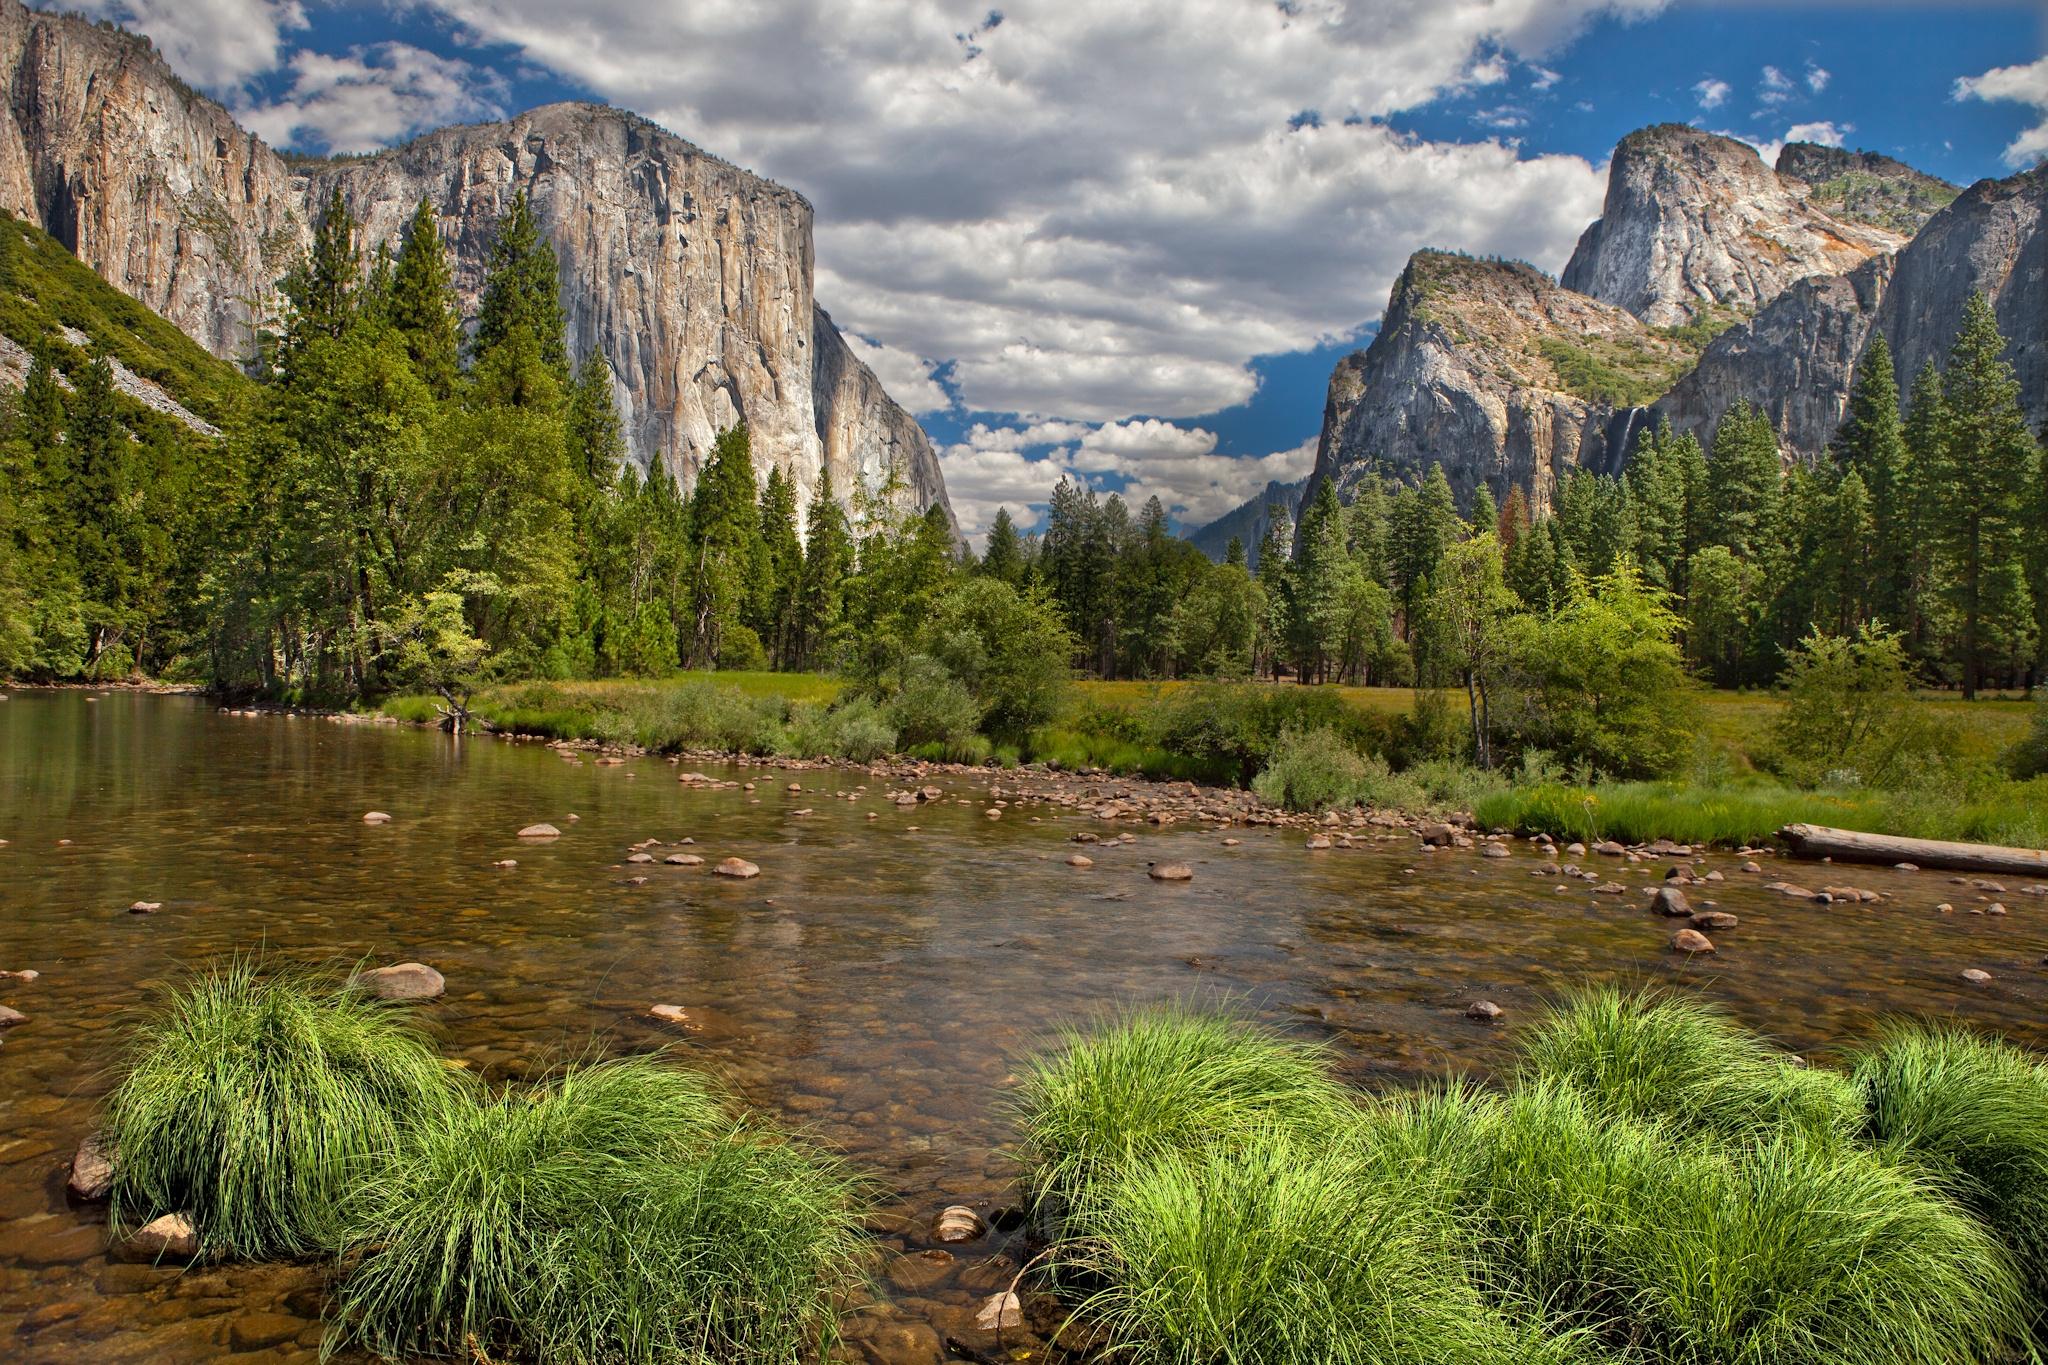 133193 Hintergrundbild herunterladen Landschaft, Natur, Flüsse, Mountains, Wald, Vegetation, Fließen, Fluss, Blauer Himmel, Blue Sky - Bildschirmschoner und Bilder kostenlos